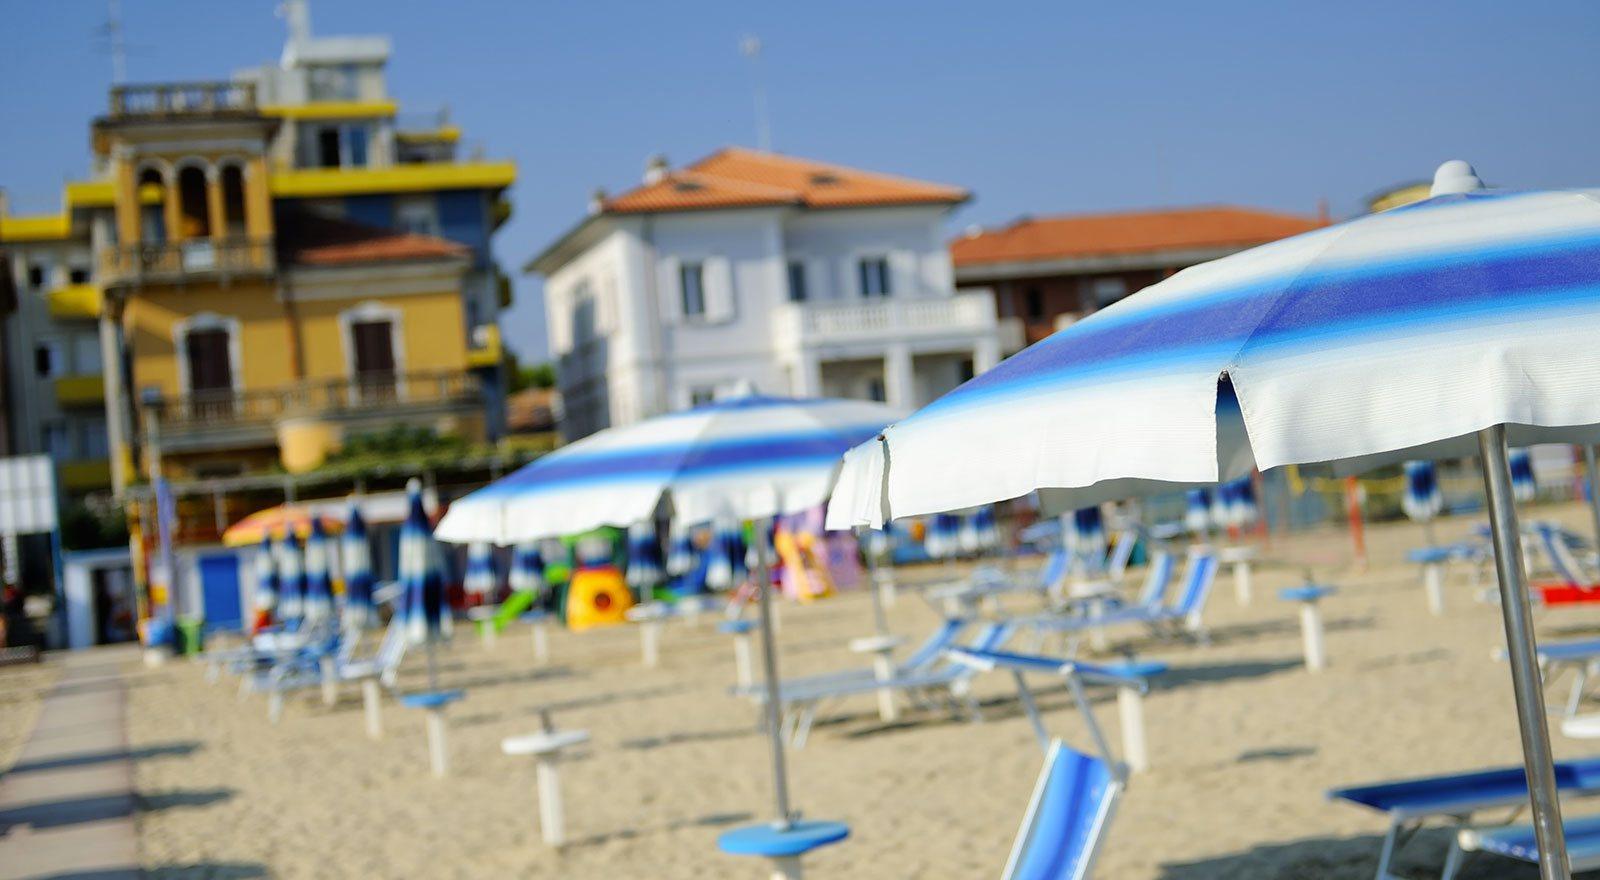 Hotel sul mare viserba rimini alberghi fronte mare a viserba di rimini hotel mirabel - Bagno 38 rimini ...